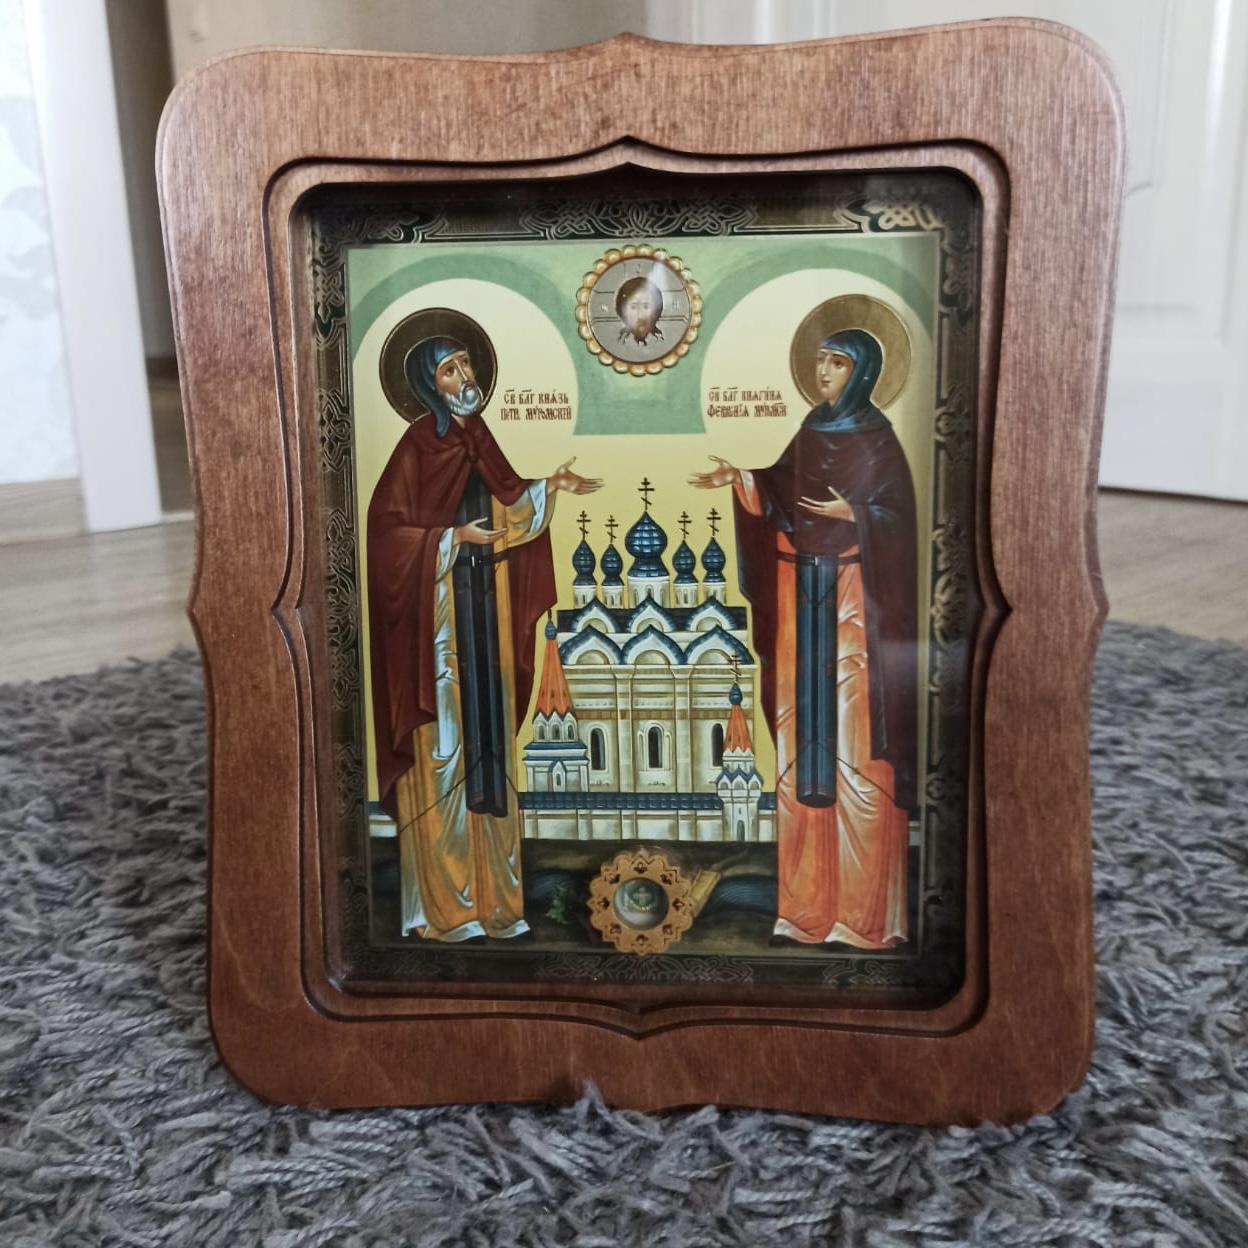 Икона святых Петра и Февронии с частичкой покровца от их мощей (22.5 на 26.5 см)